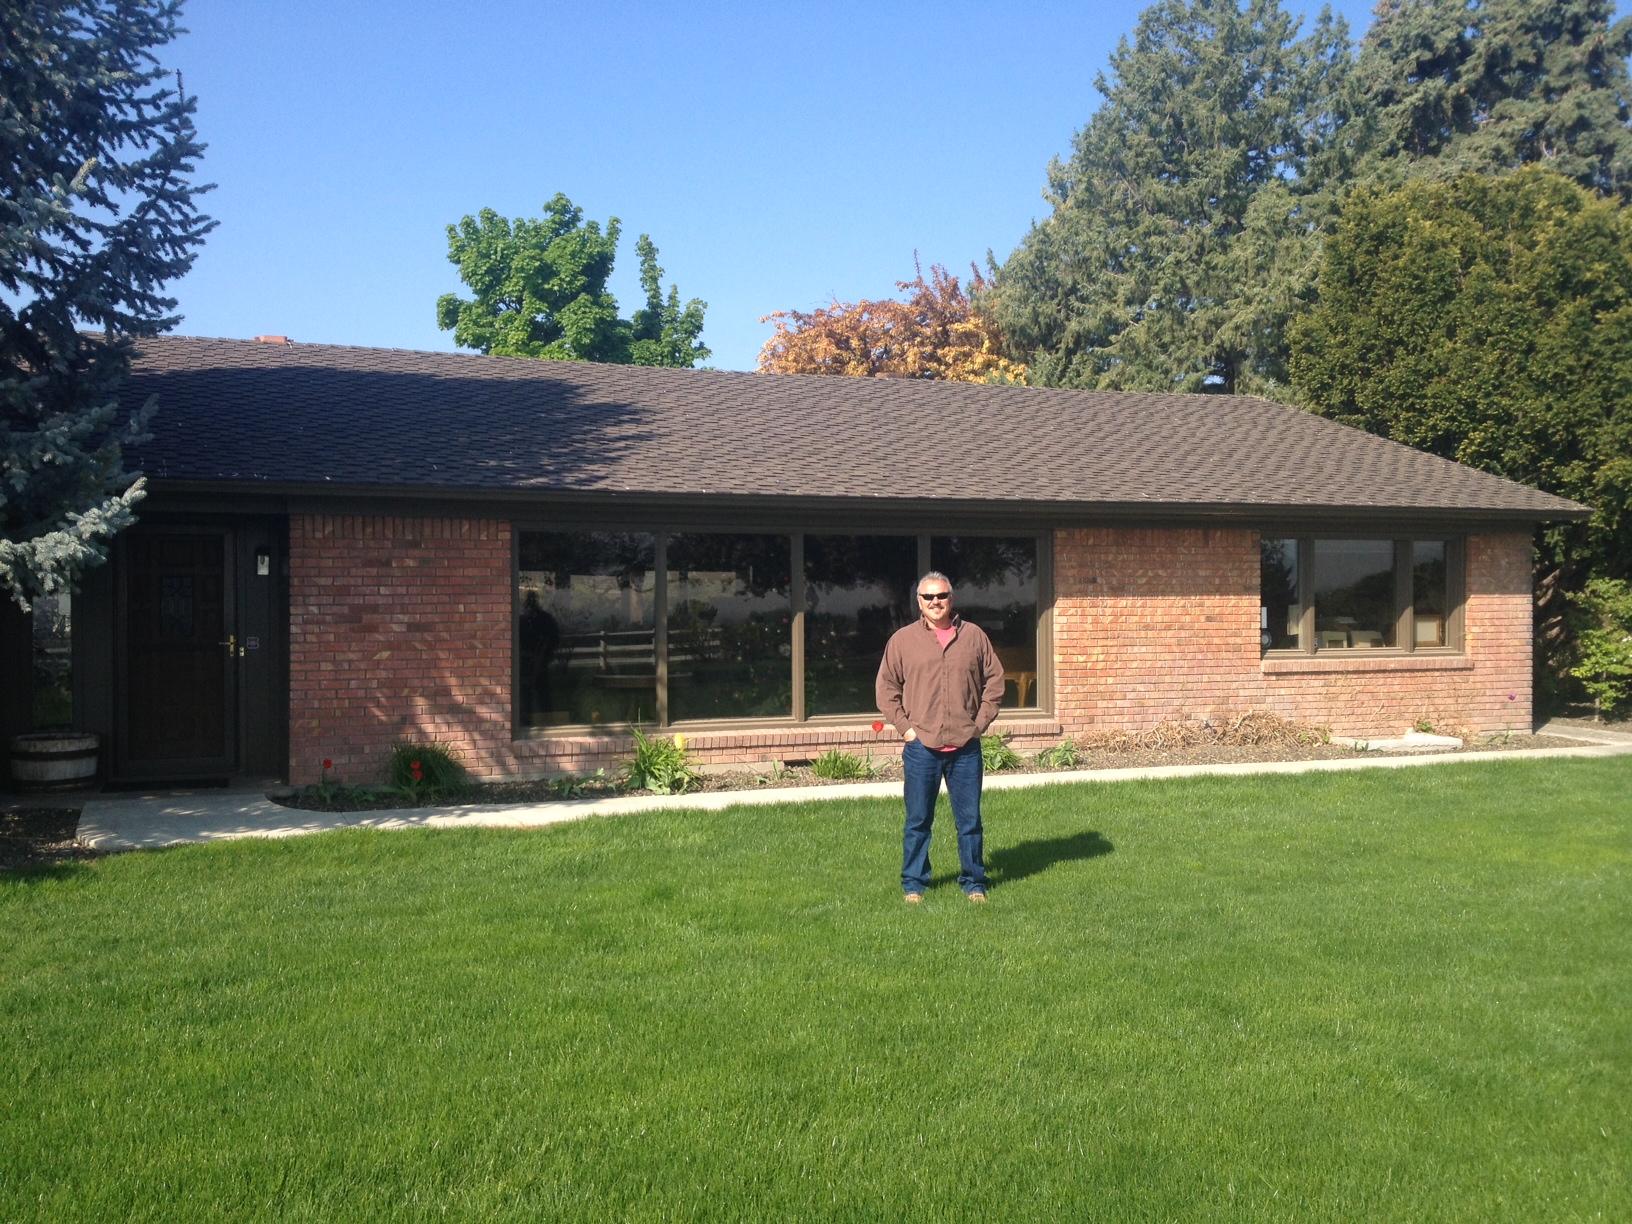 JB's Roofing | Contractor Spotlight